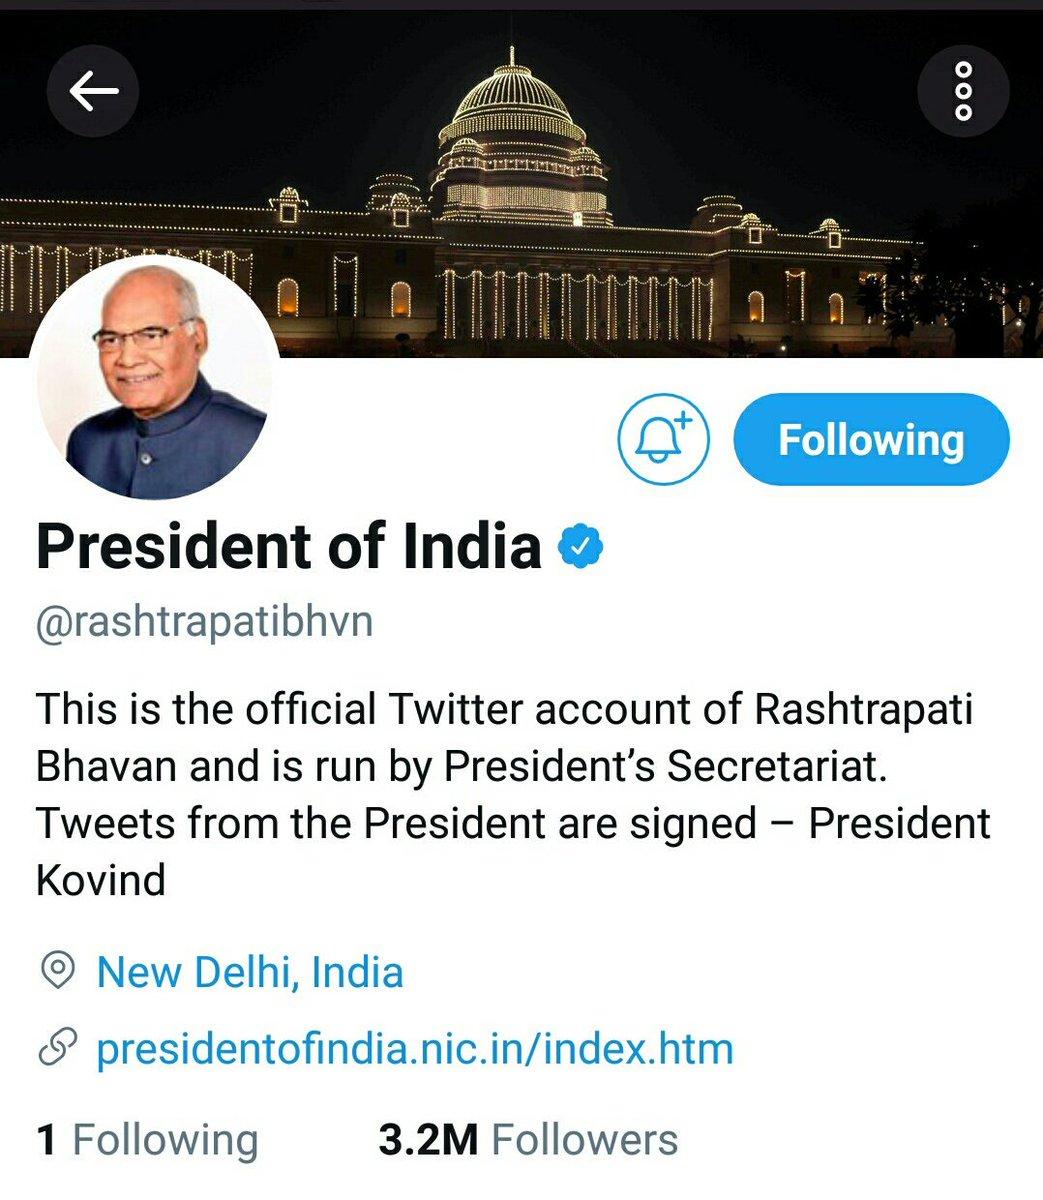 રાષ્ટ્રપતિ રામનાથ કોવિંદ ટ્વીટર પર આવતાની સાથે જ ફોલોવર્સની સંખ્યા 32 લાખ પર પહોંચી